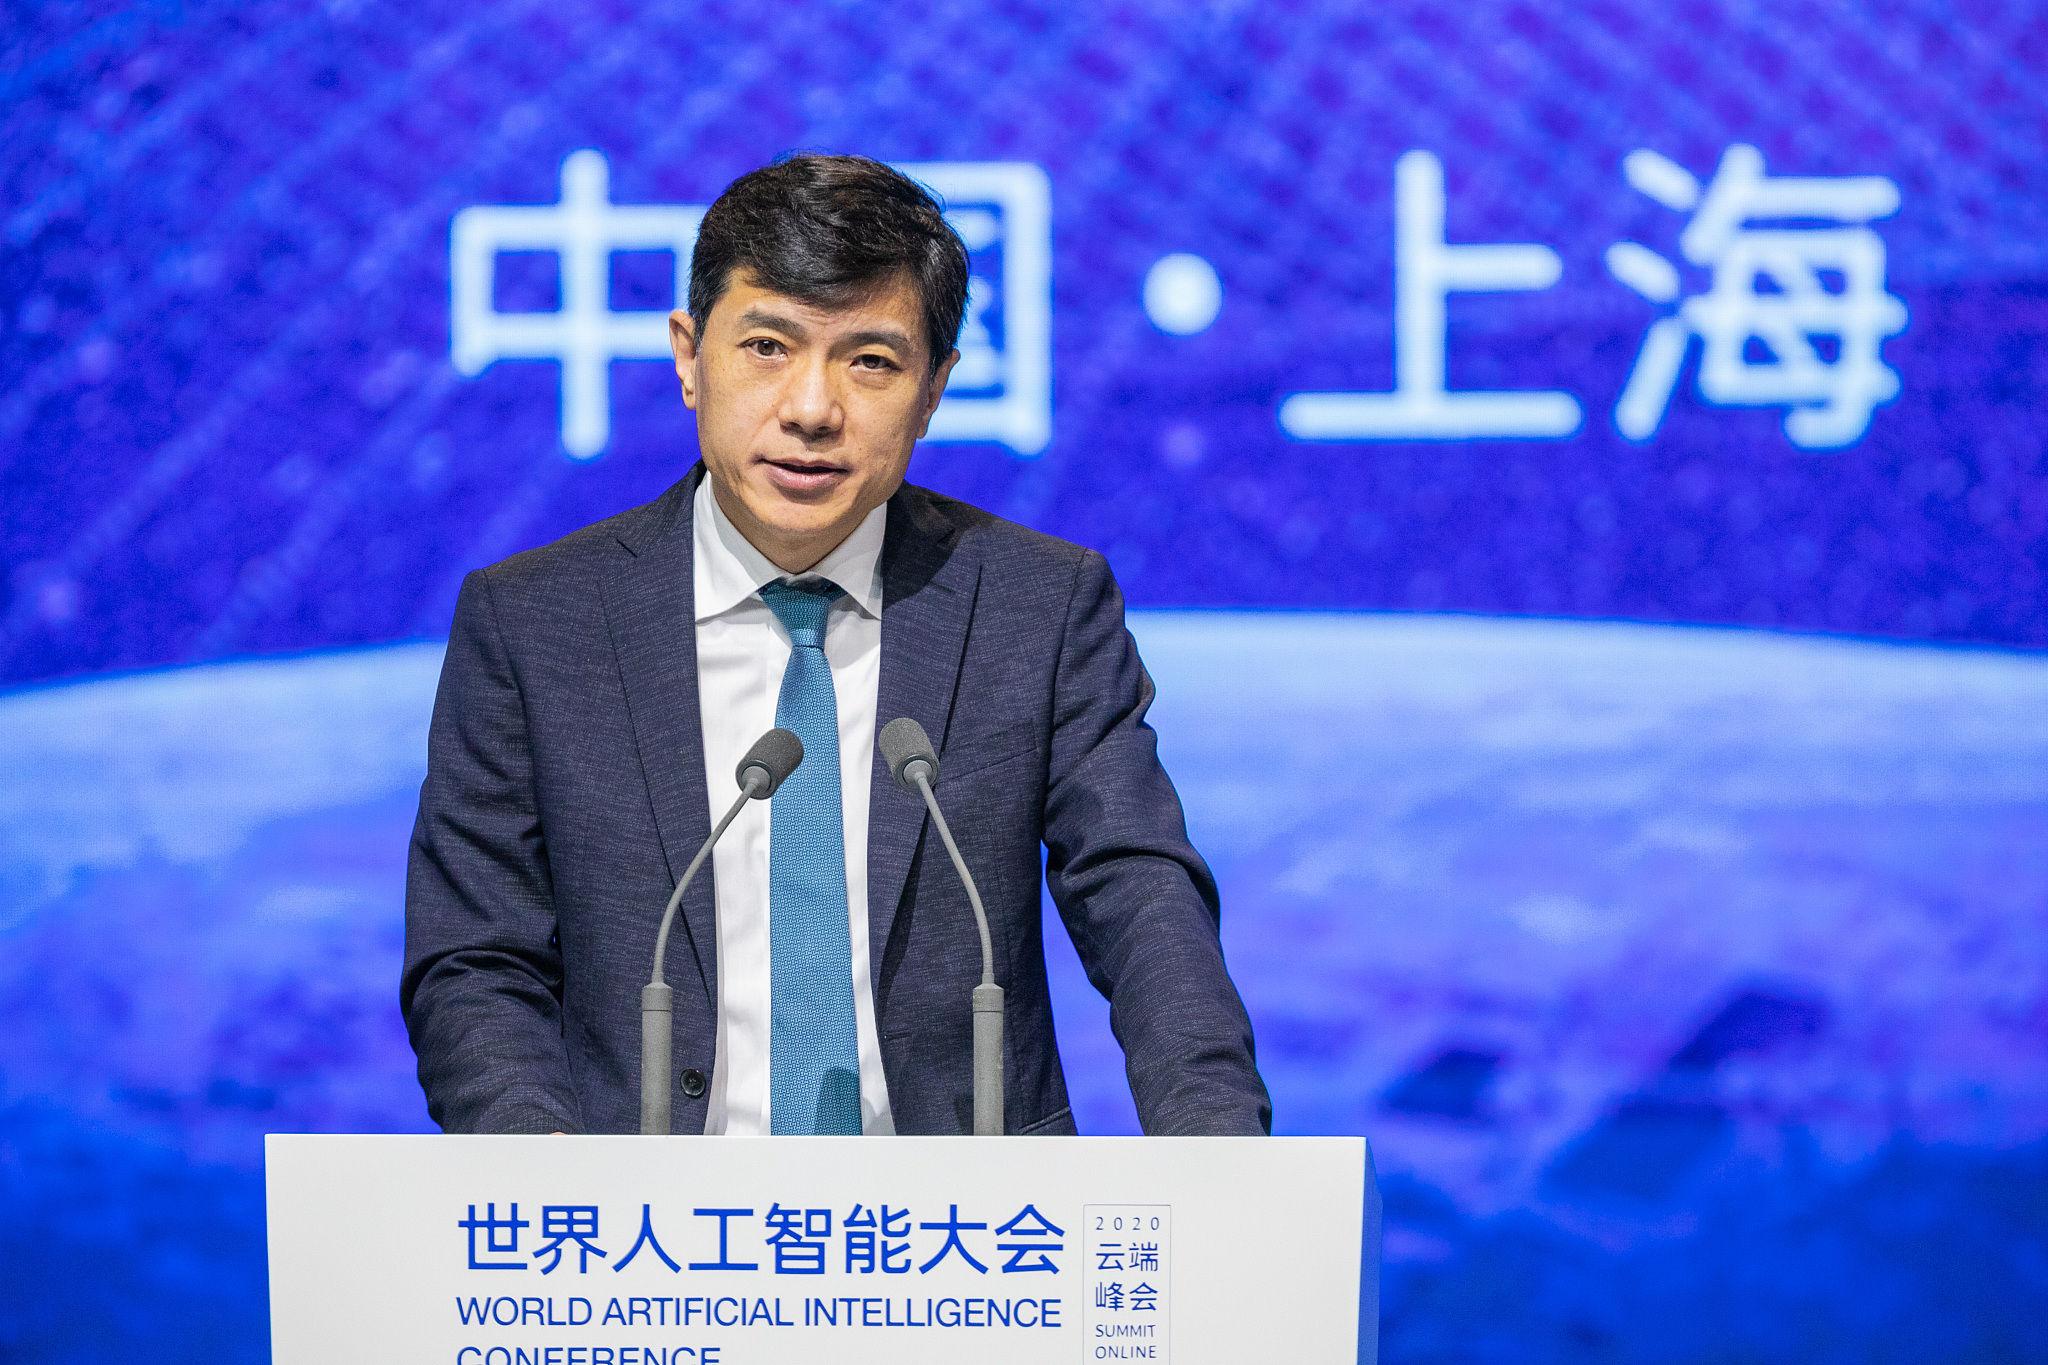 李彦宏在 2020 世界人工智能大会现场   视觉中国